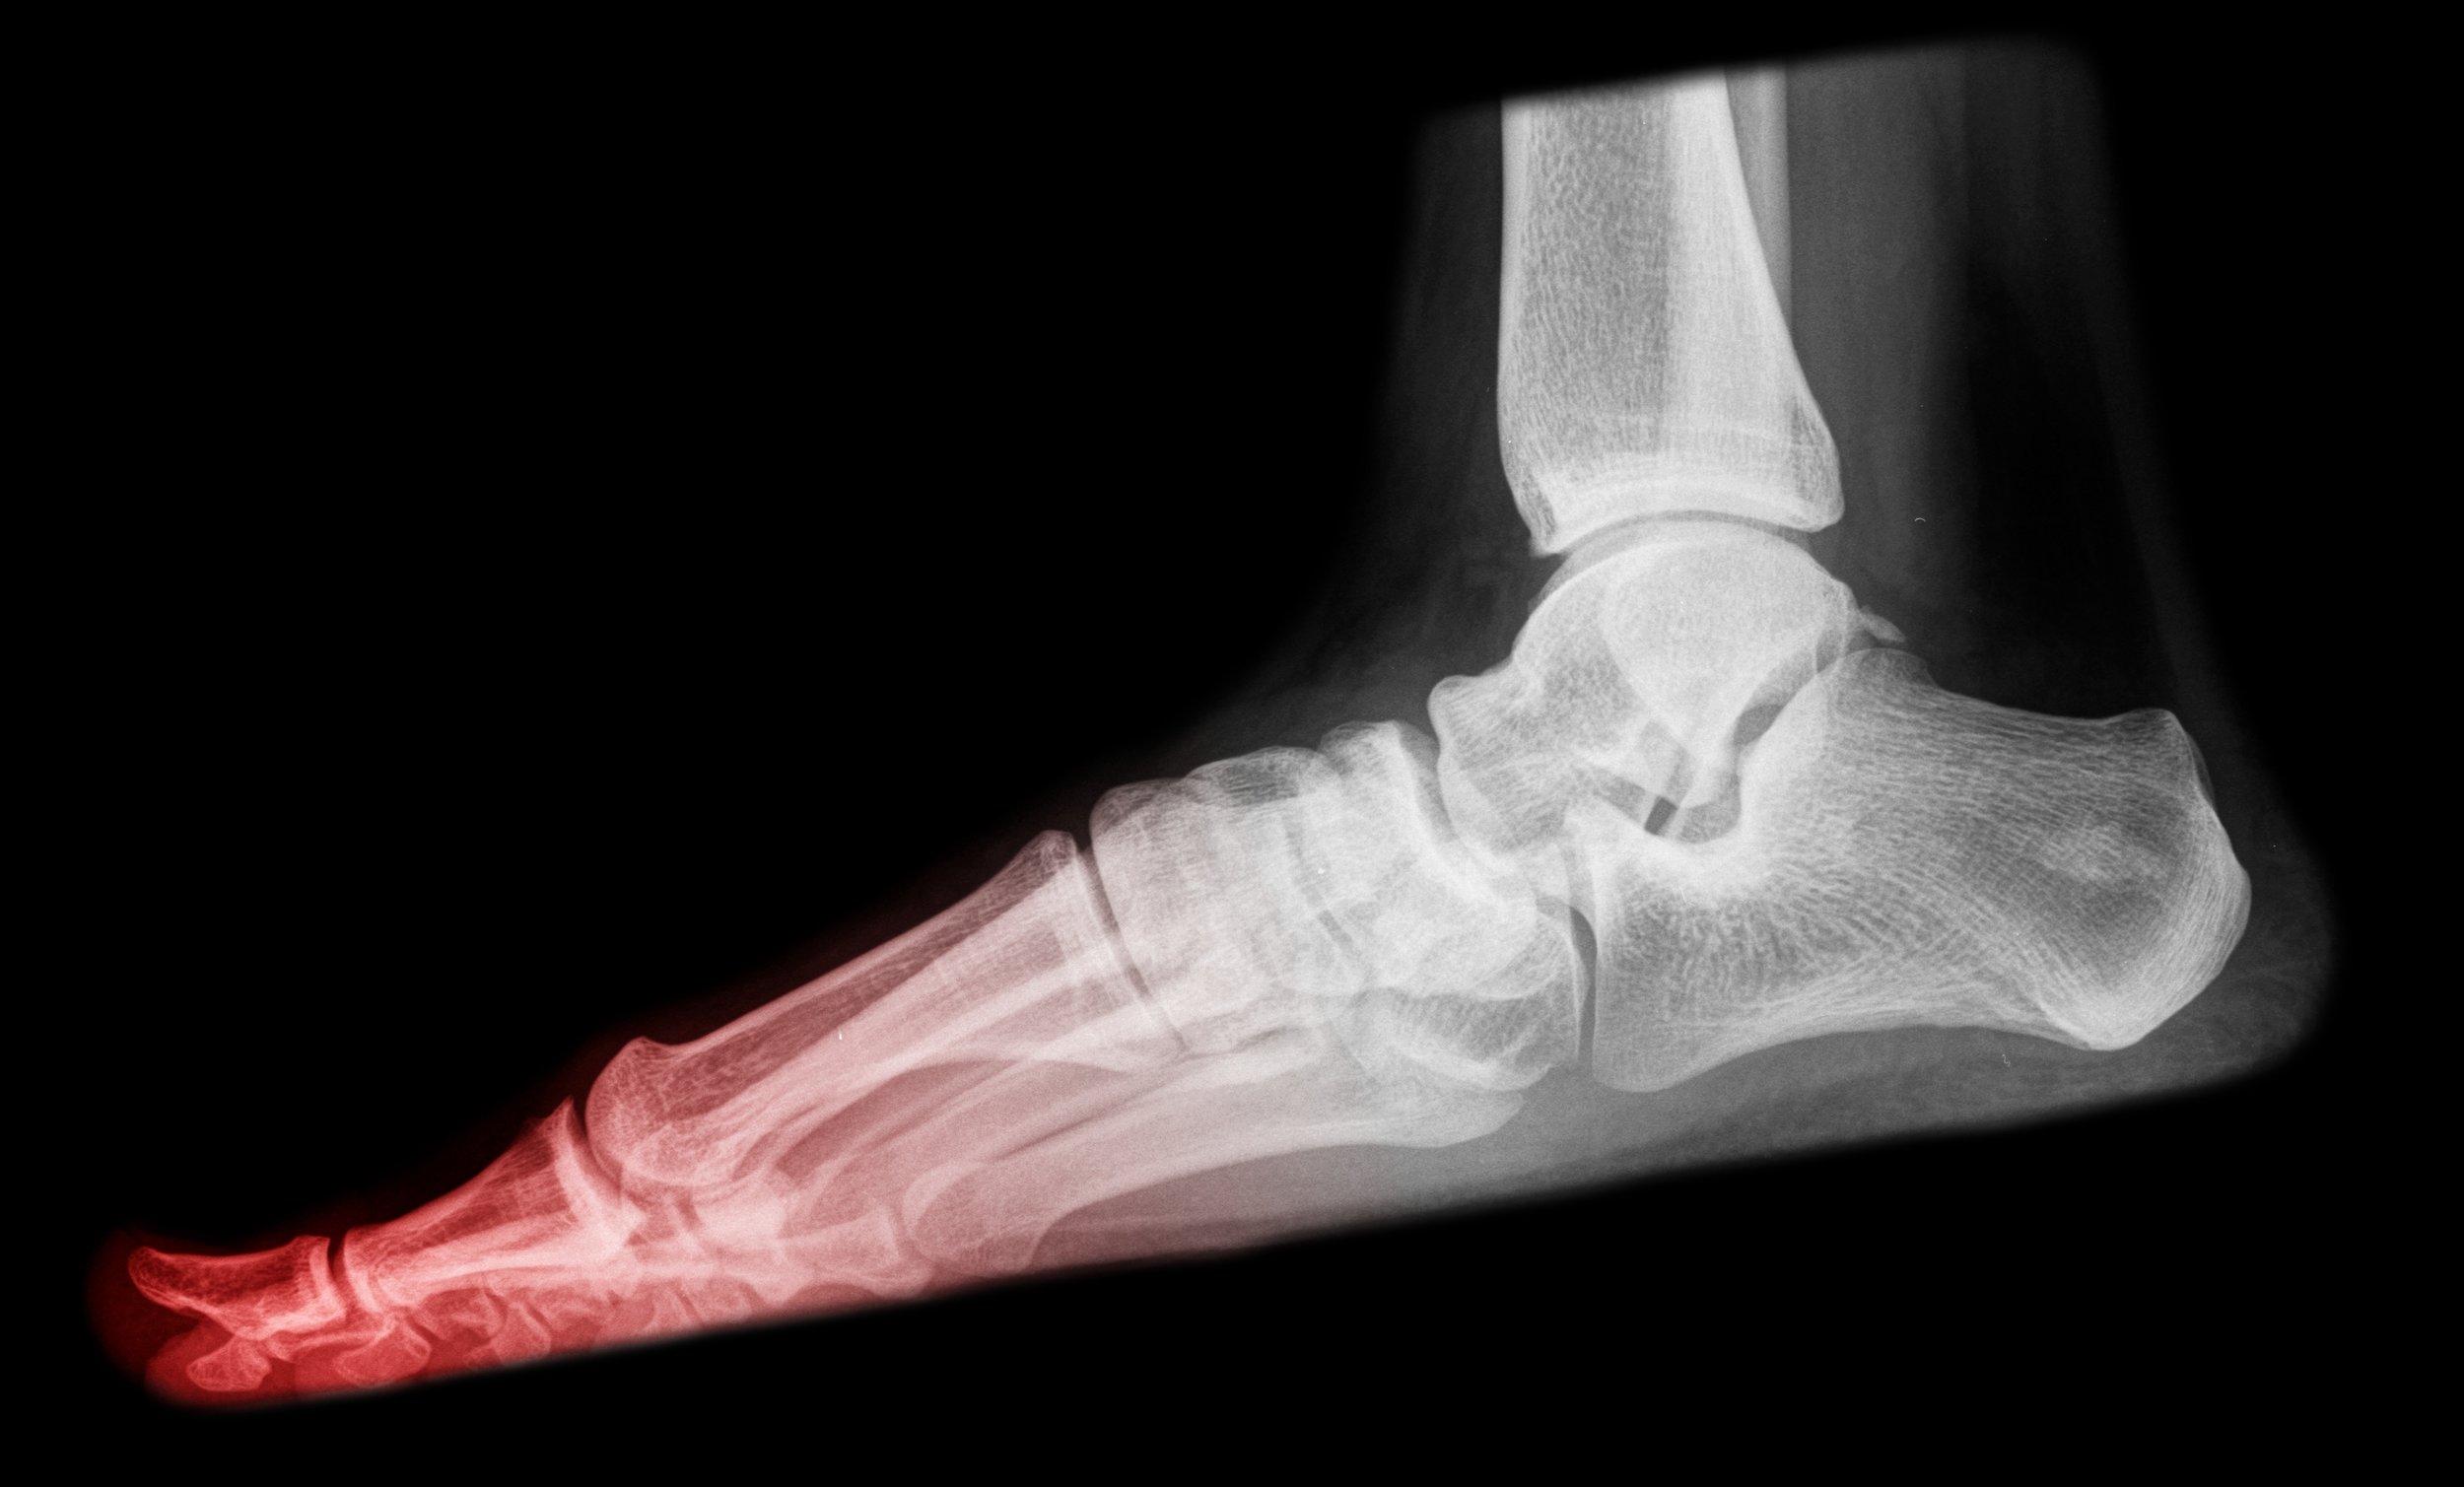 mahwah foot doctor treats foot fractures, broken ankles, broken toes